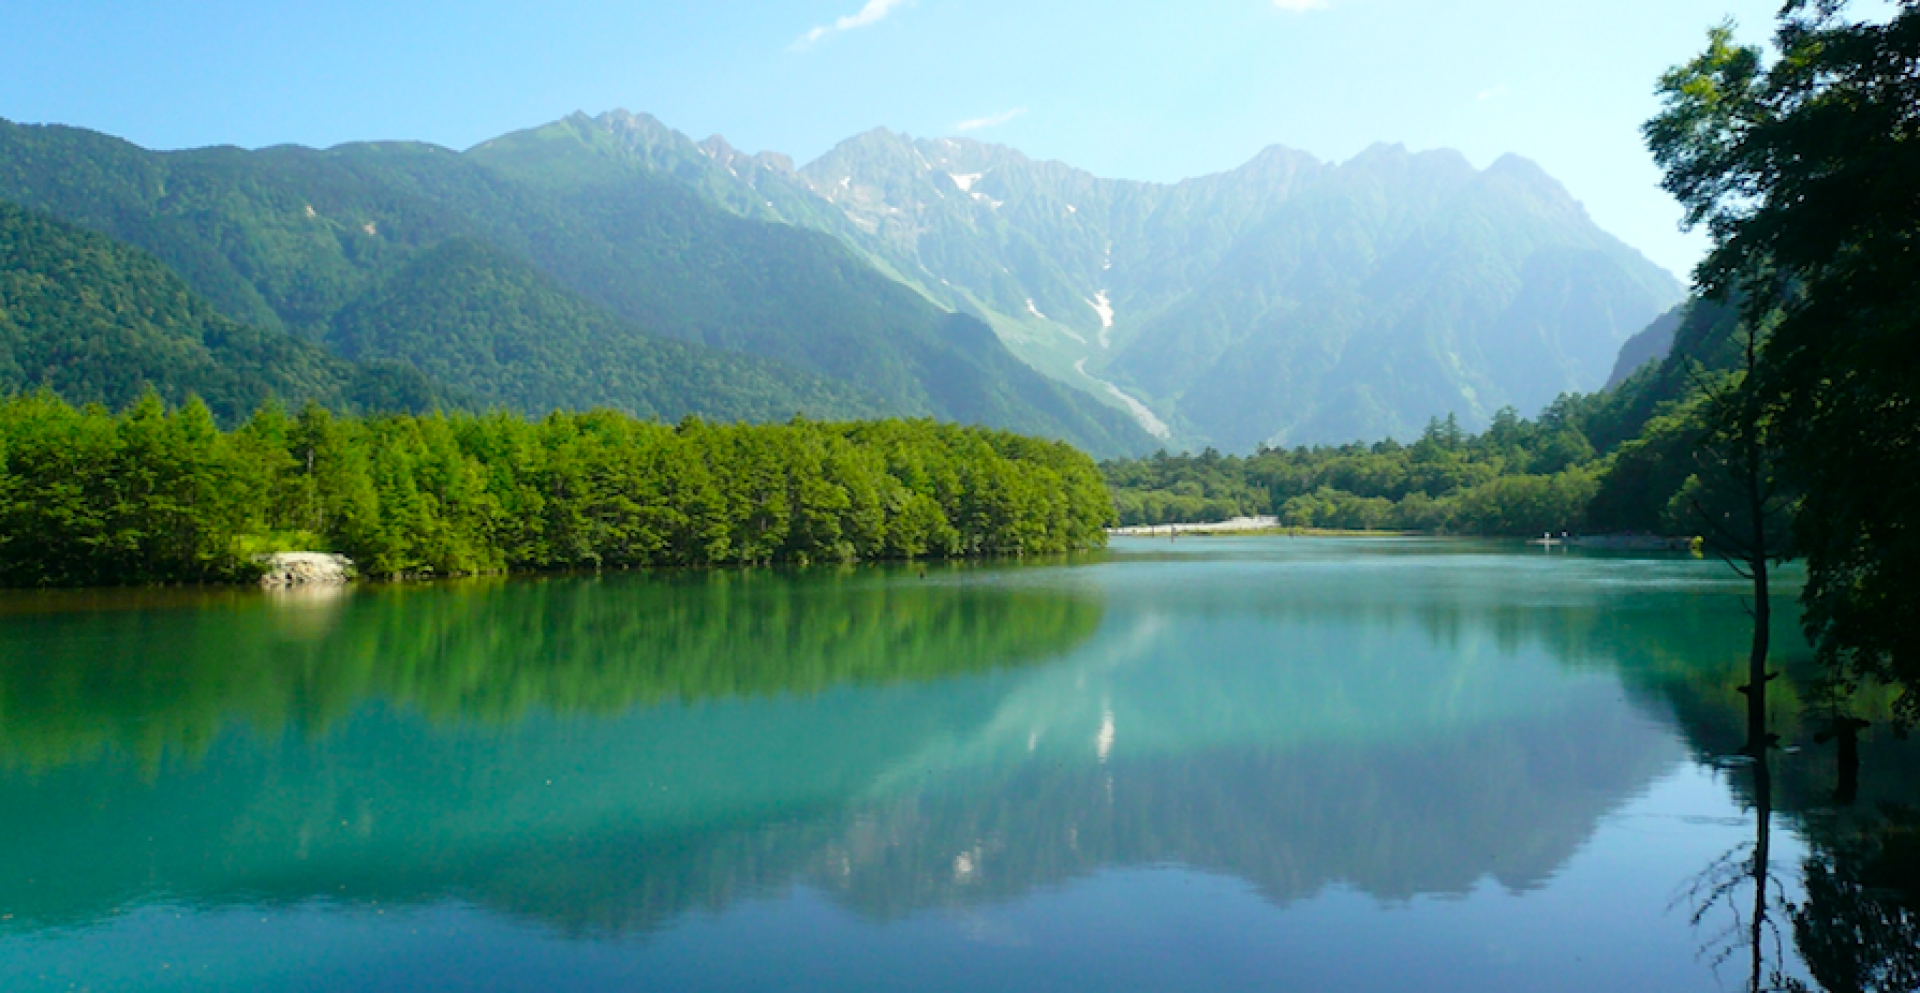 【名古屋巴士一日遊】日本阿爾卑斯上高地一日遊